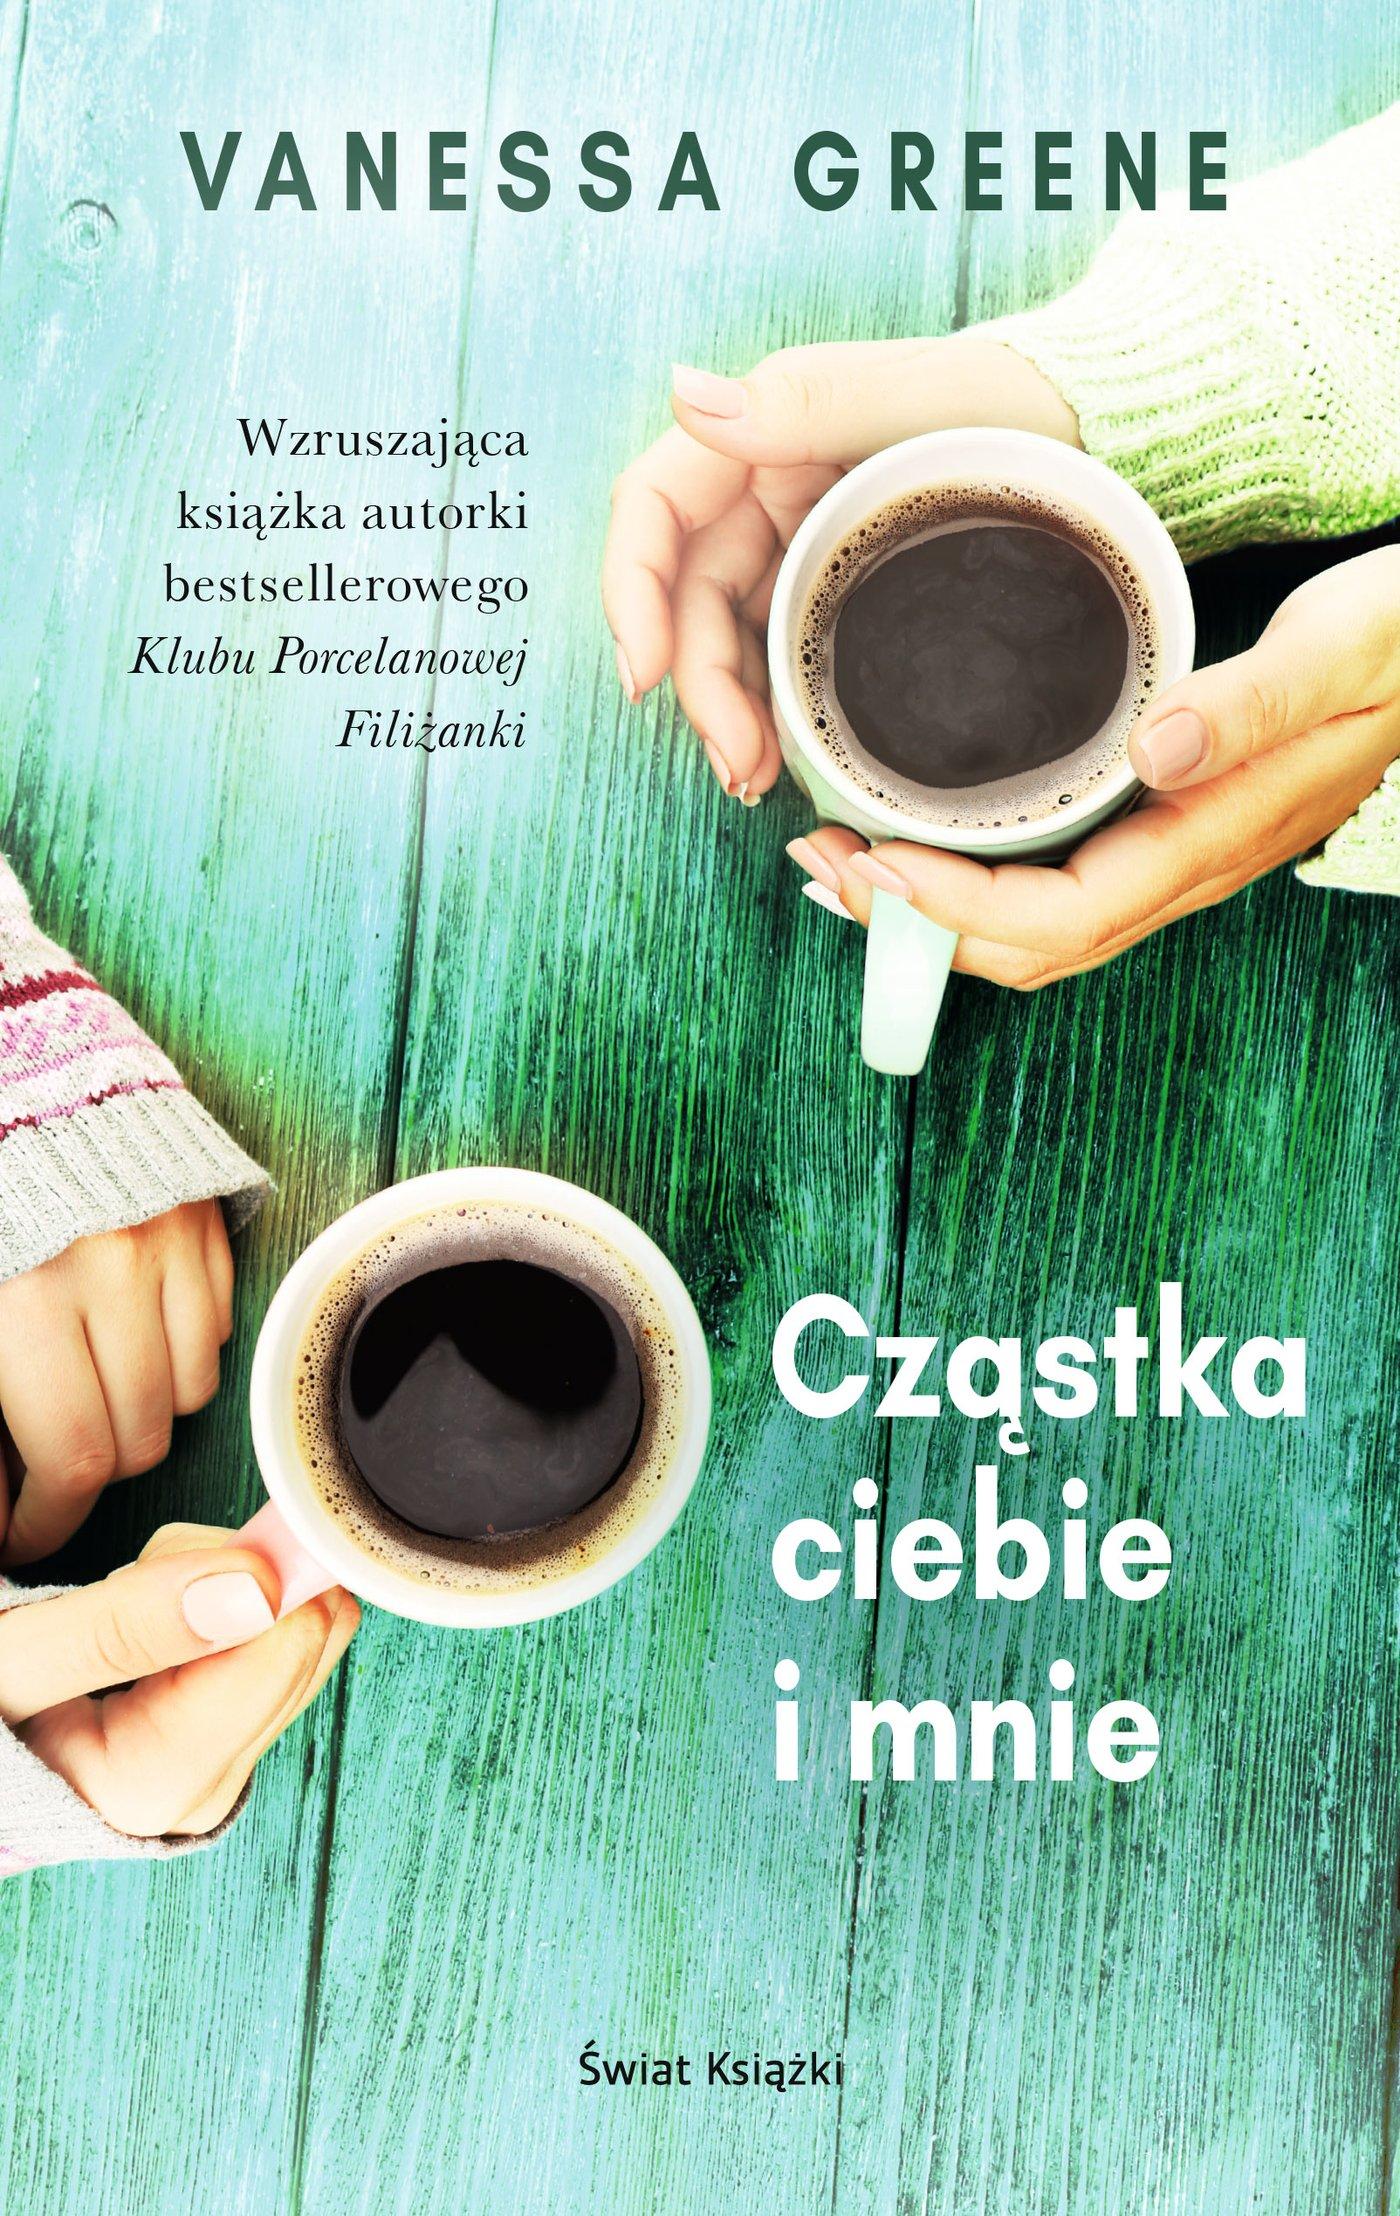 Cząstka ciebie i mnie - Ebook (Książka na Kindle) do pobrania w formacie MOBI